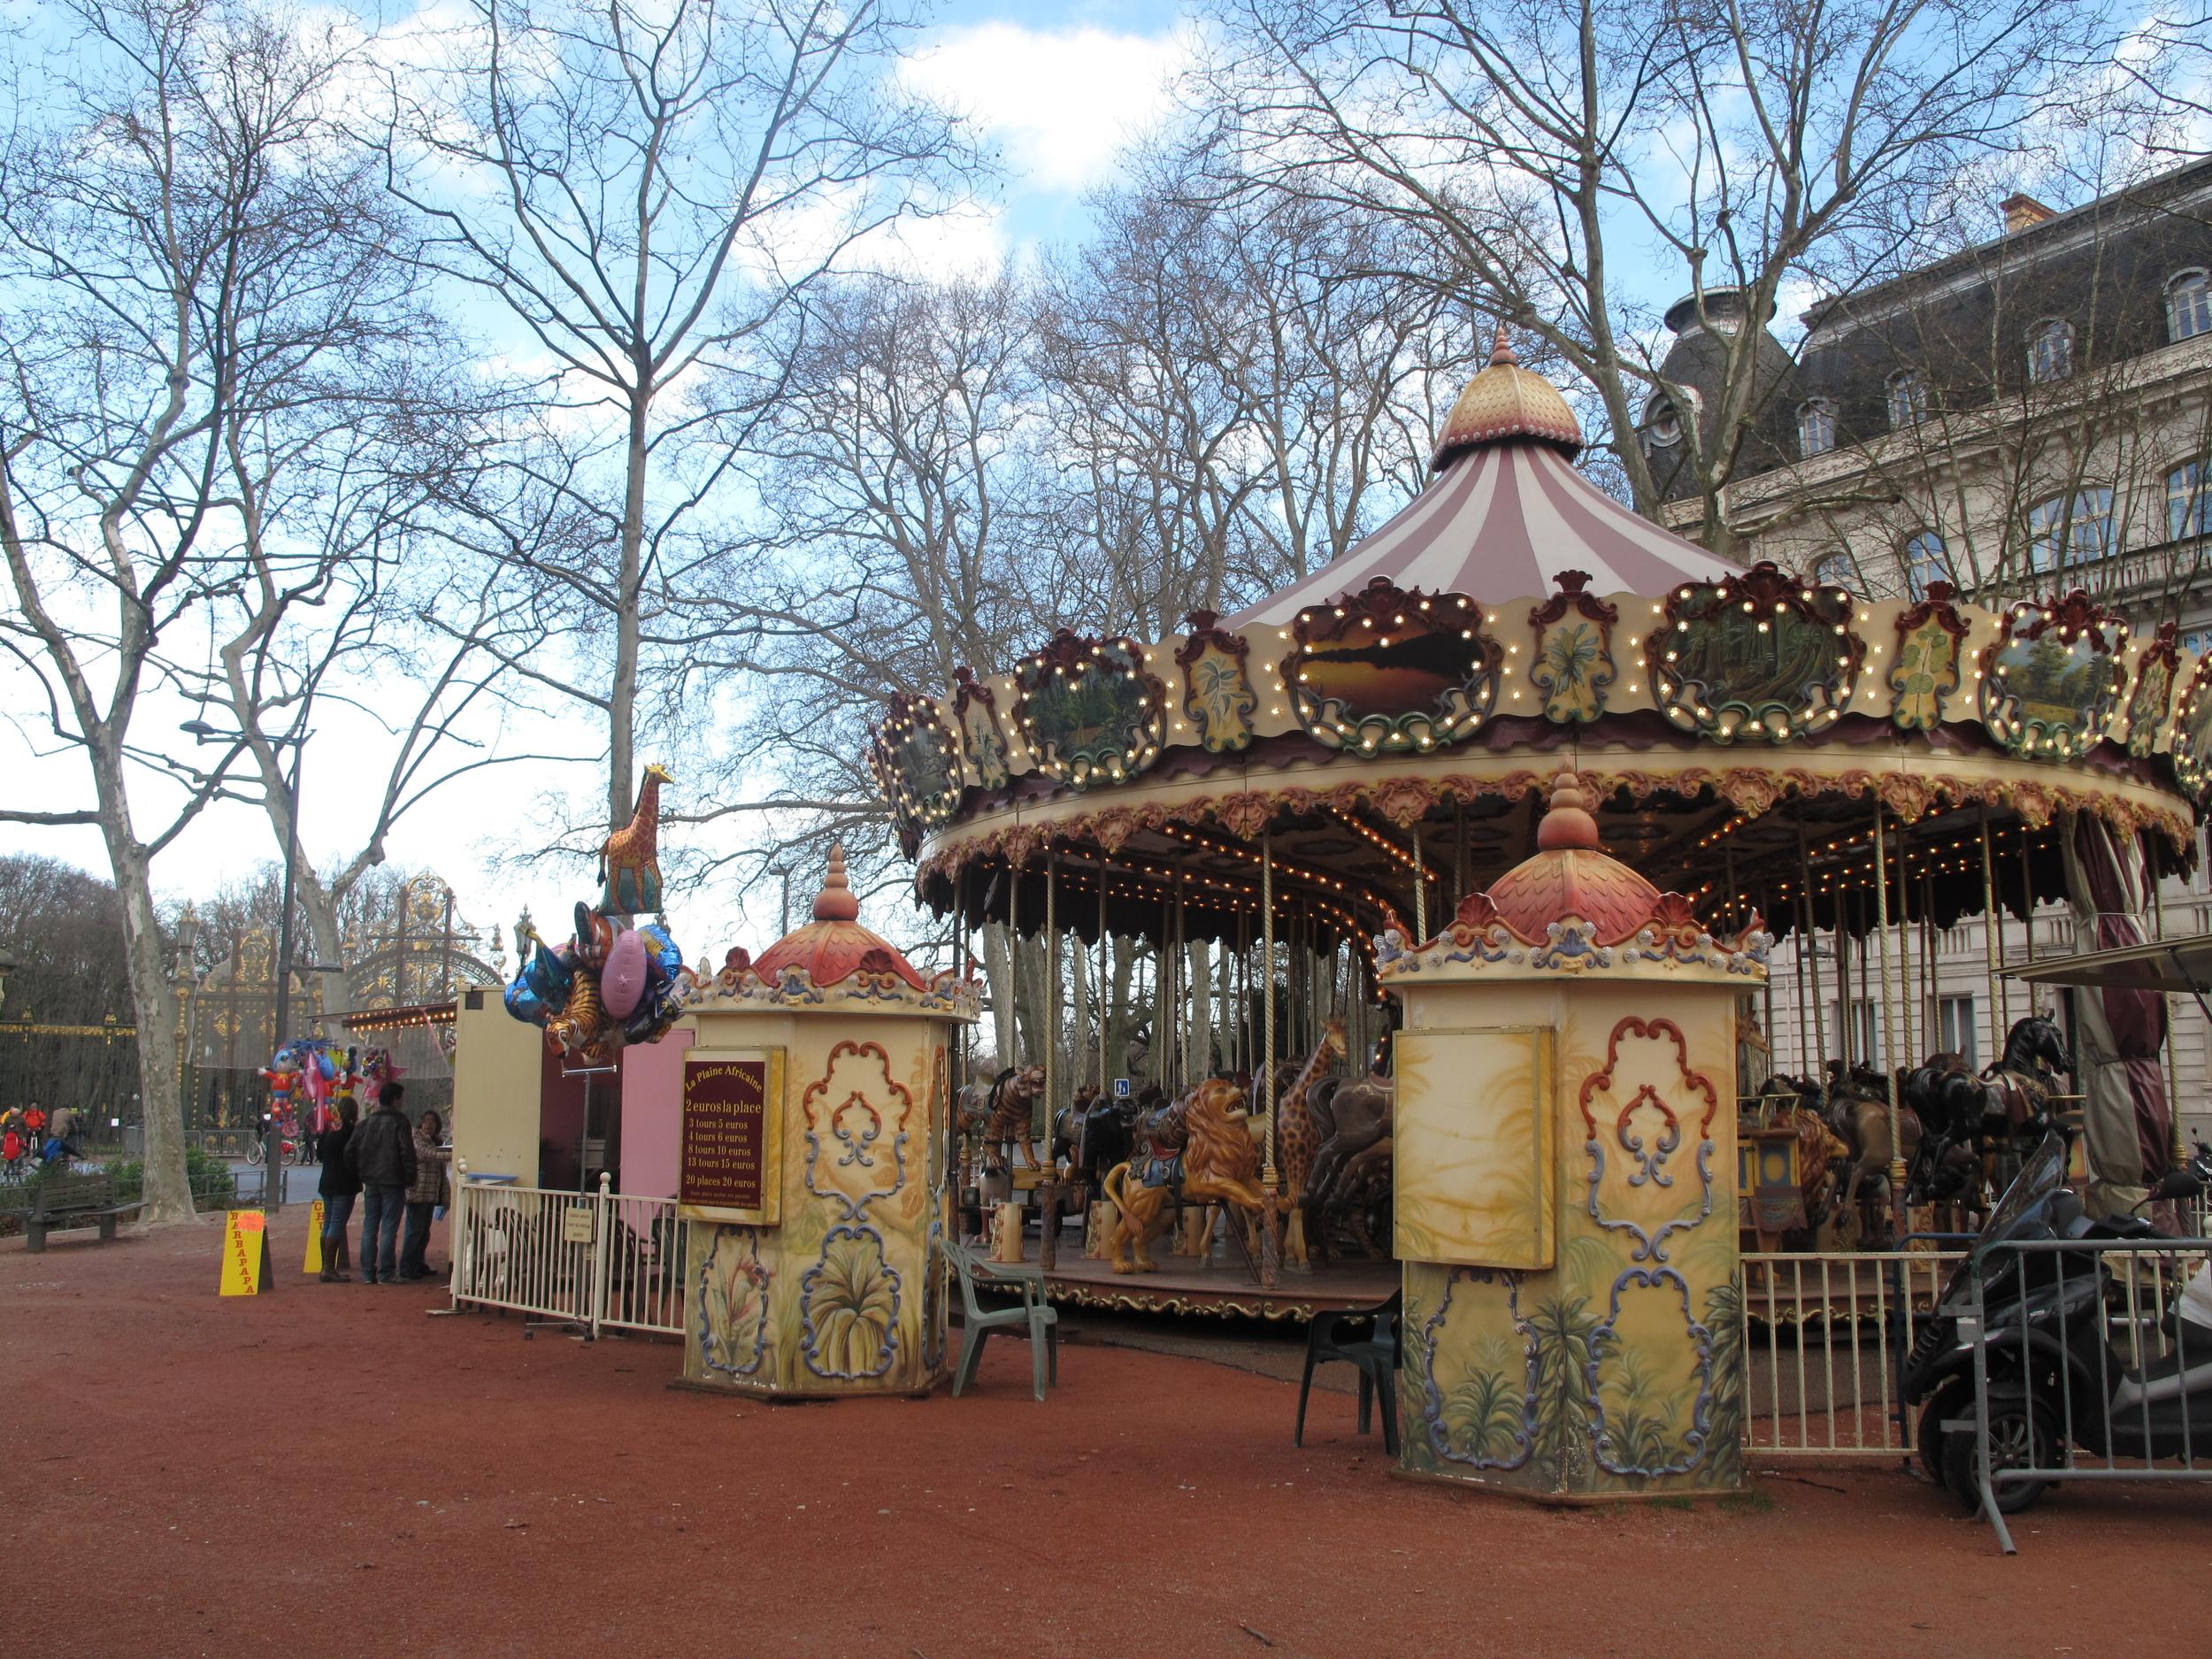 Pink carrousel outside Parc de la Tête d'Or, Lyon, France